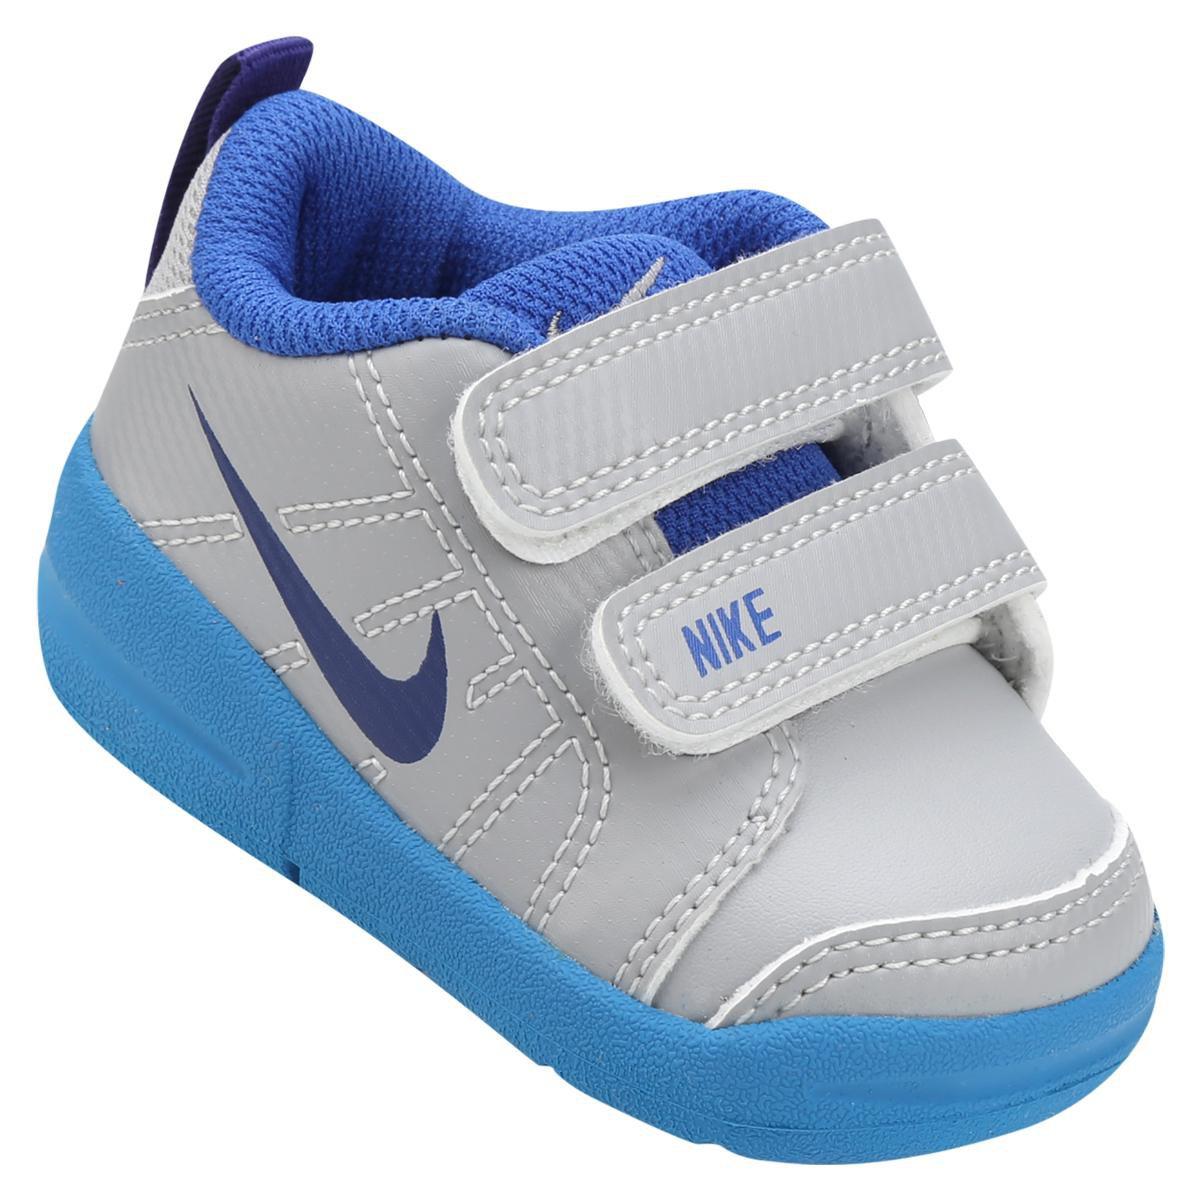 69ec484f28d Tênis Infantil Nike Pico Lt Masculino - Cinza e Azul Claro - Compre Agora